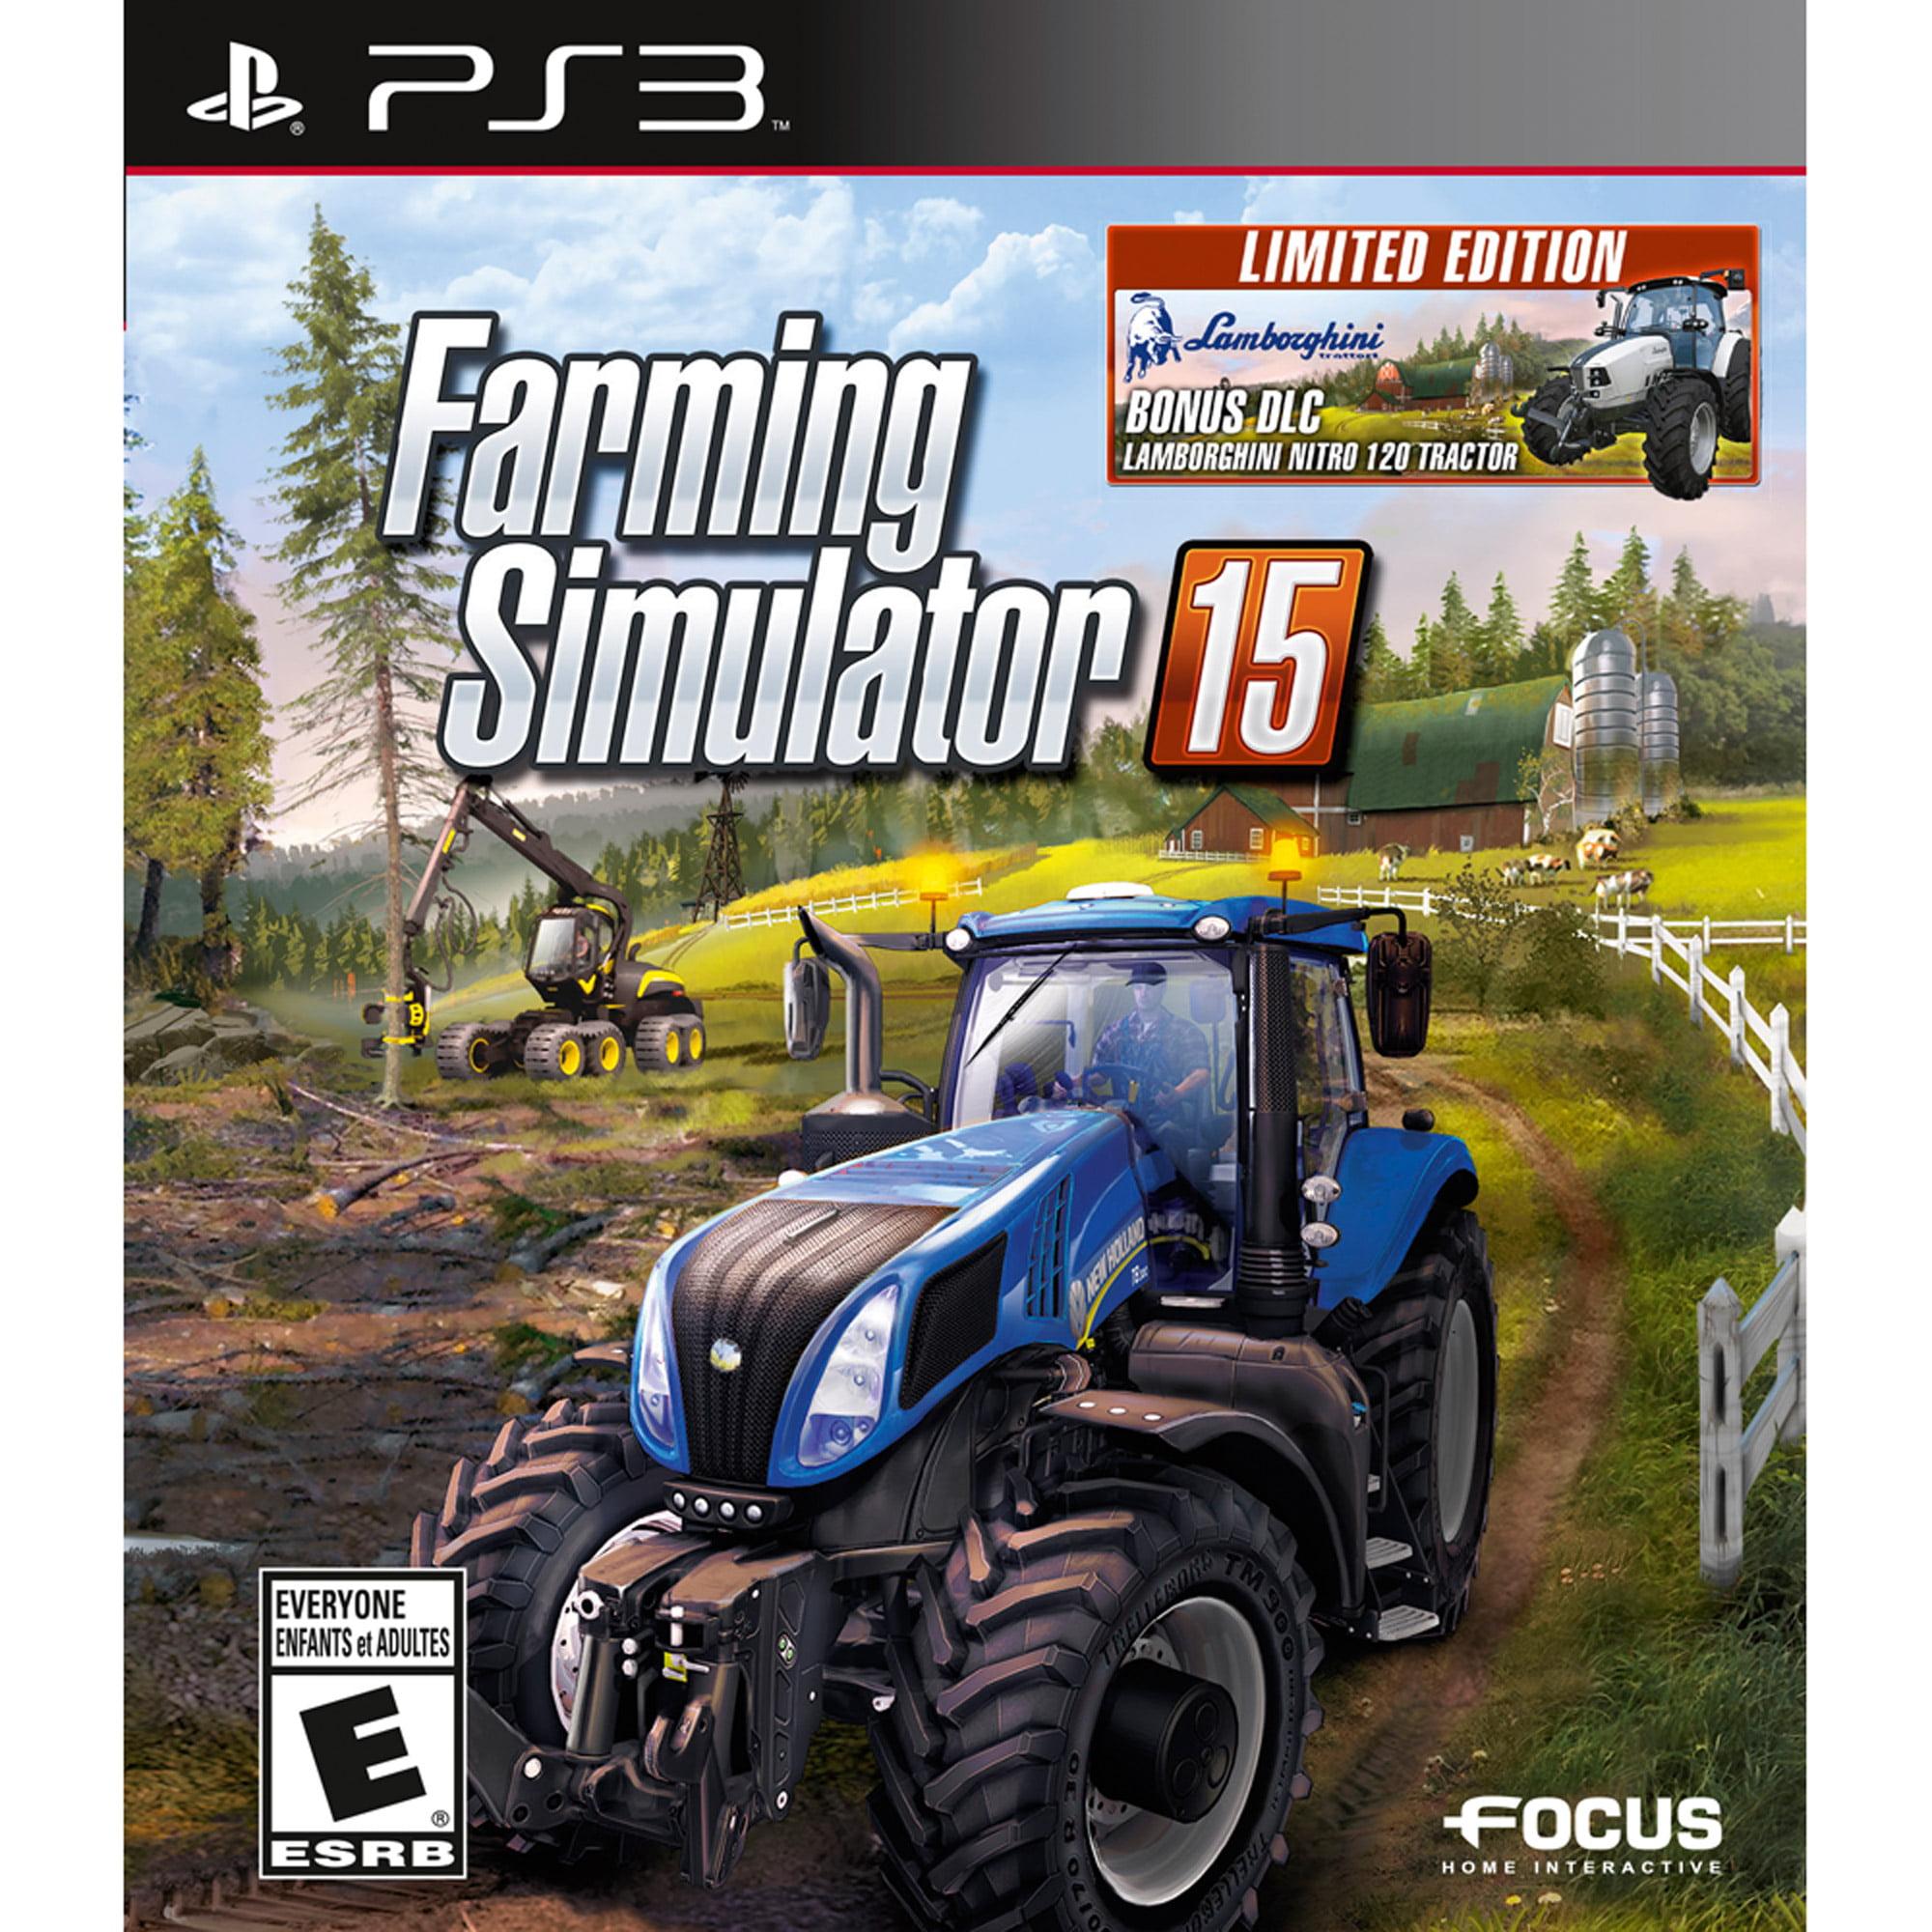 Farming Simulator 15 with Walmart Exclusive Lamborghini Tractor (PS3)